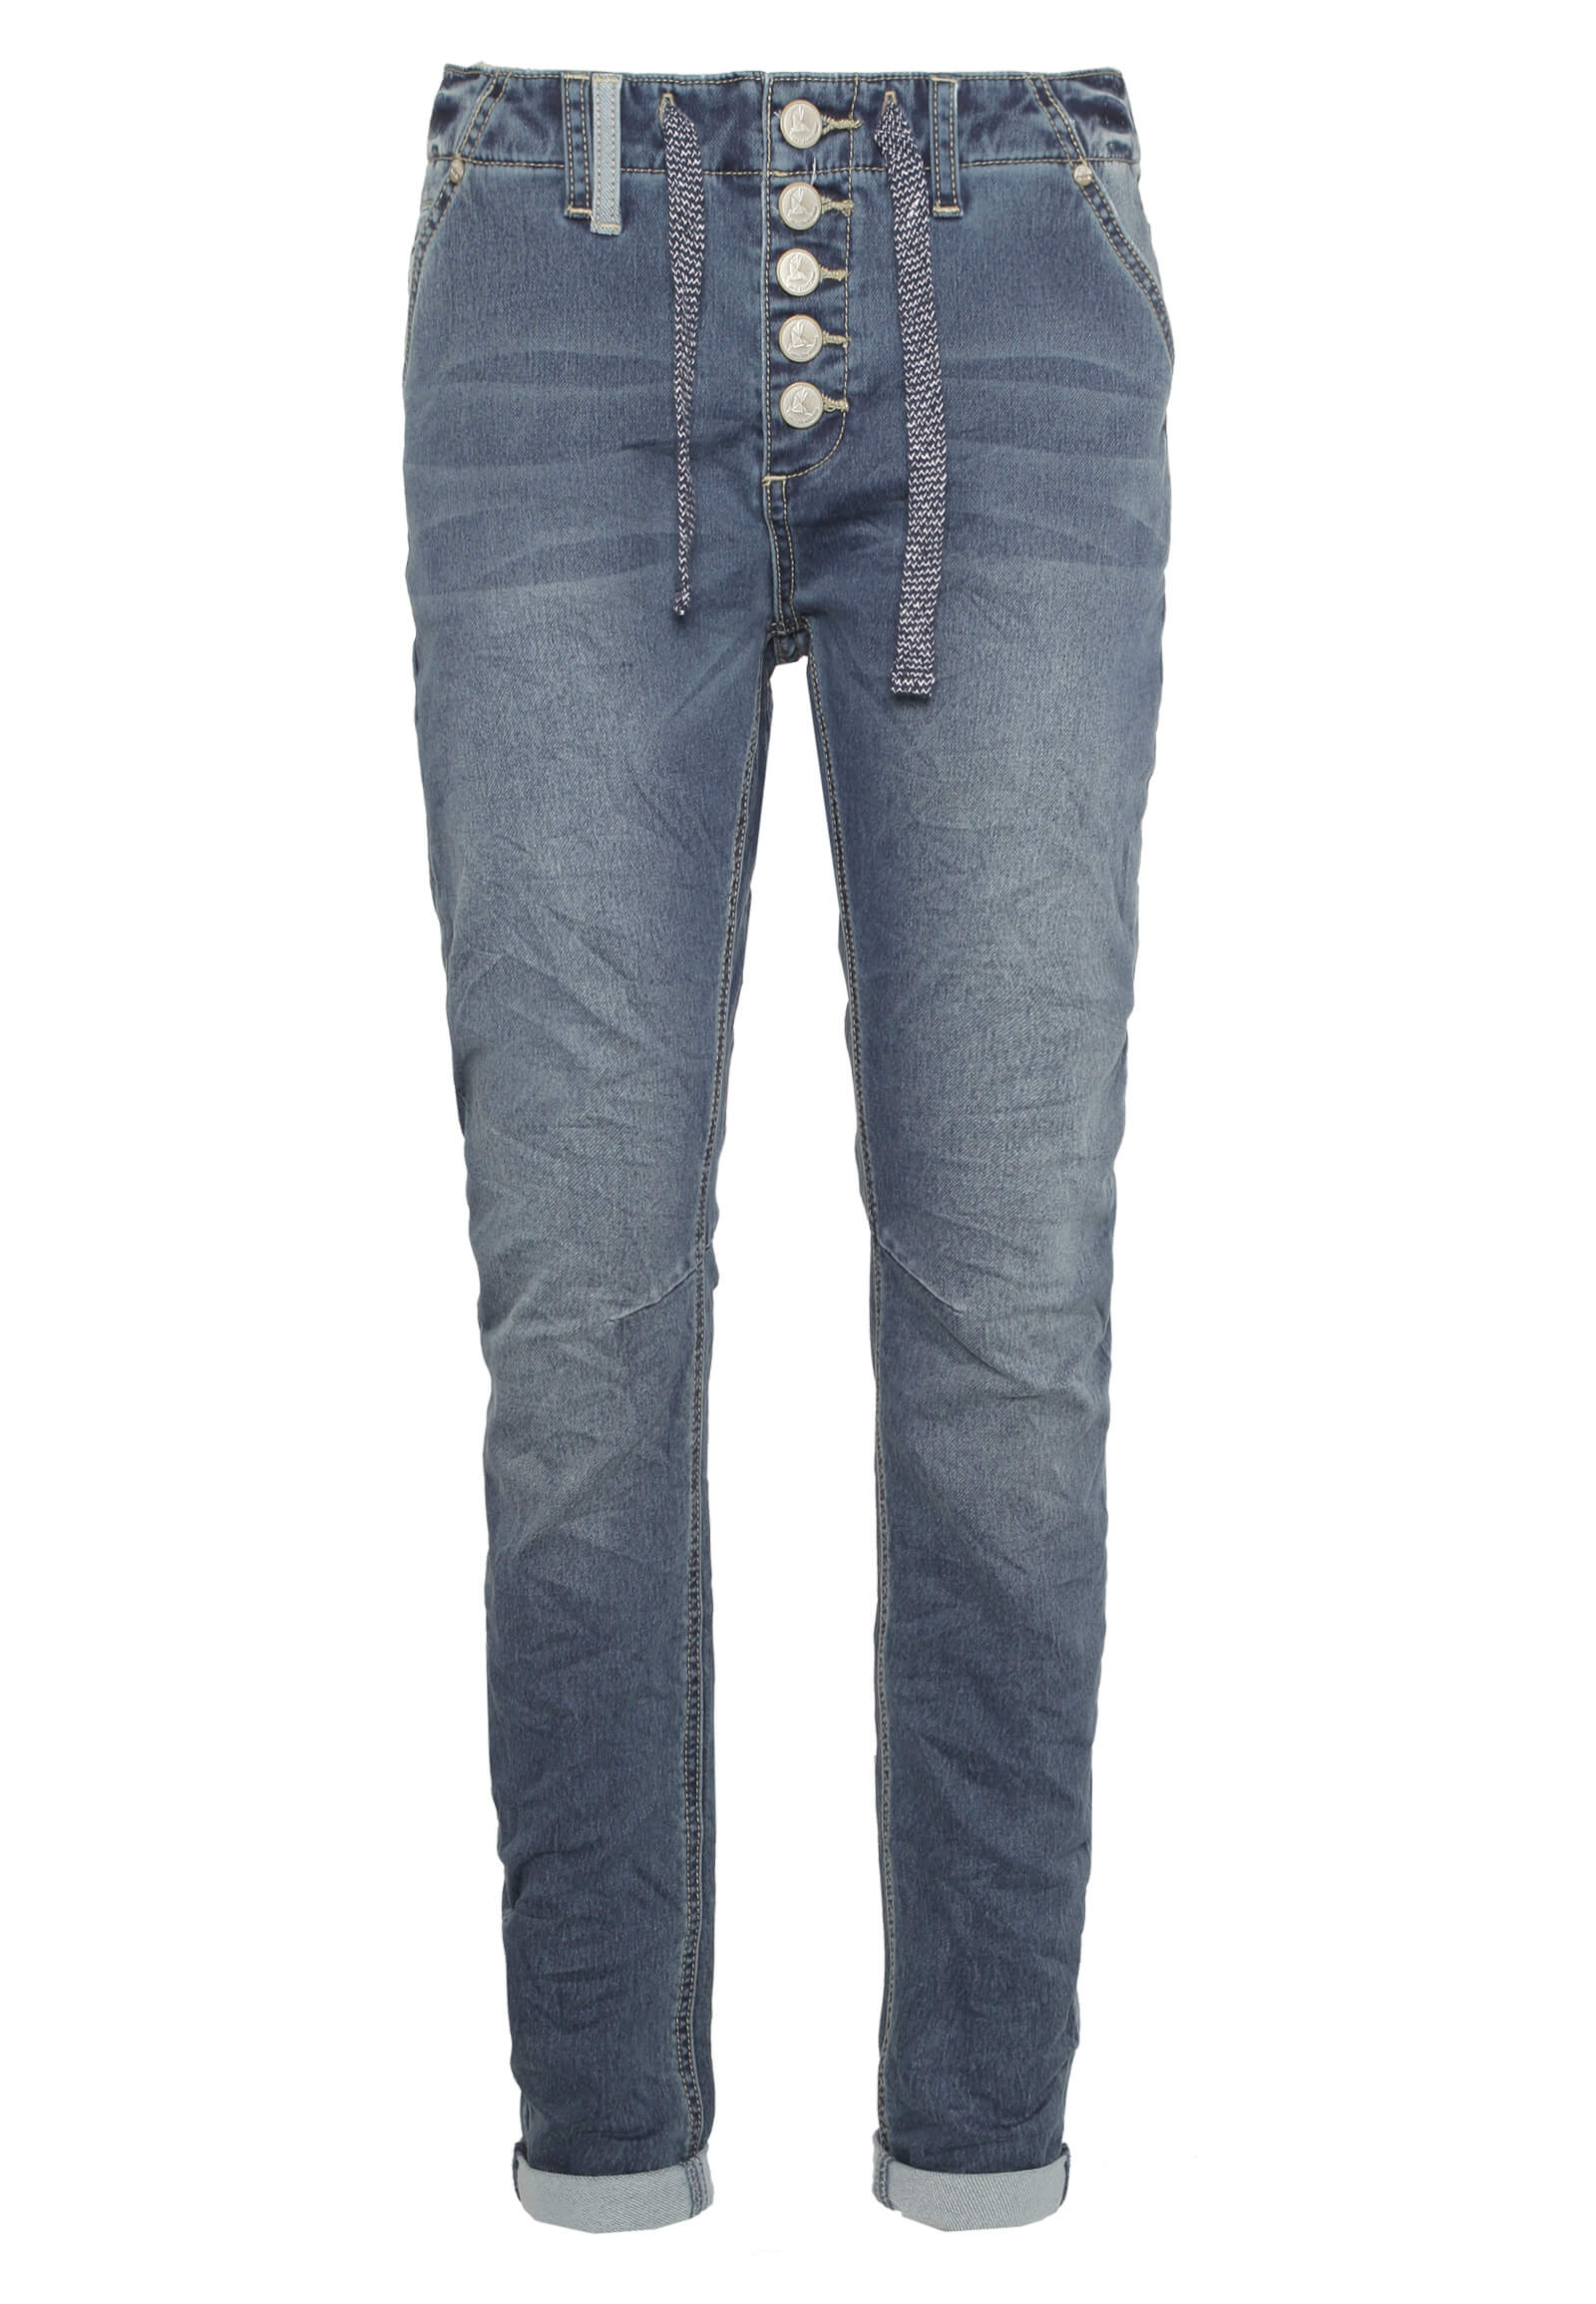 Jeans Boyfriend Style